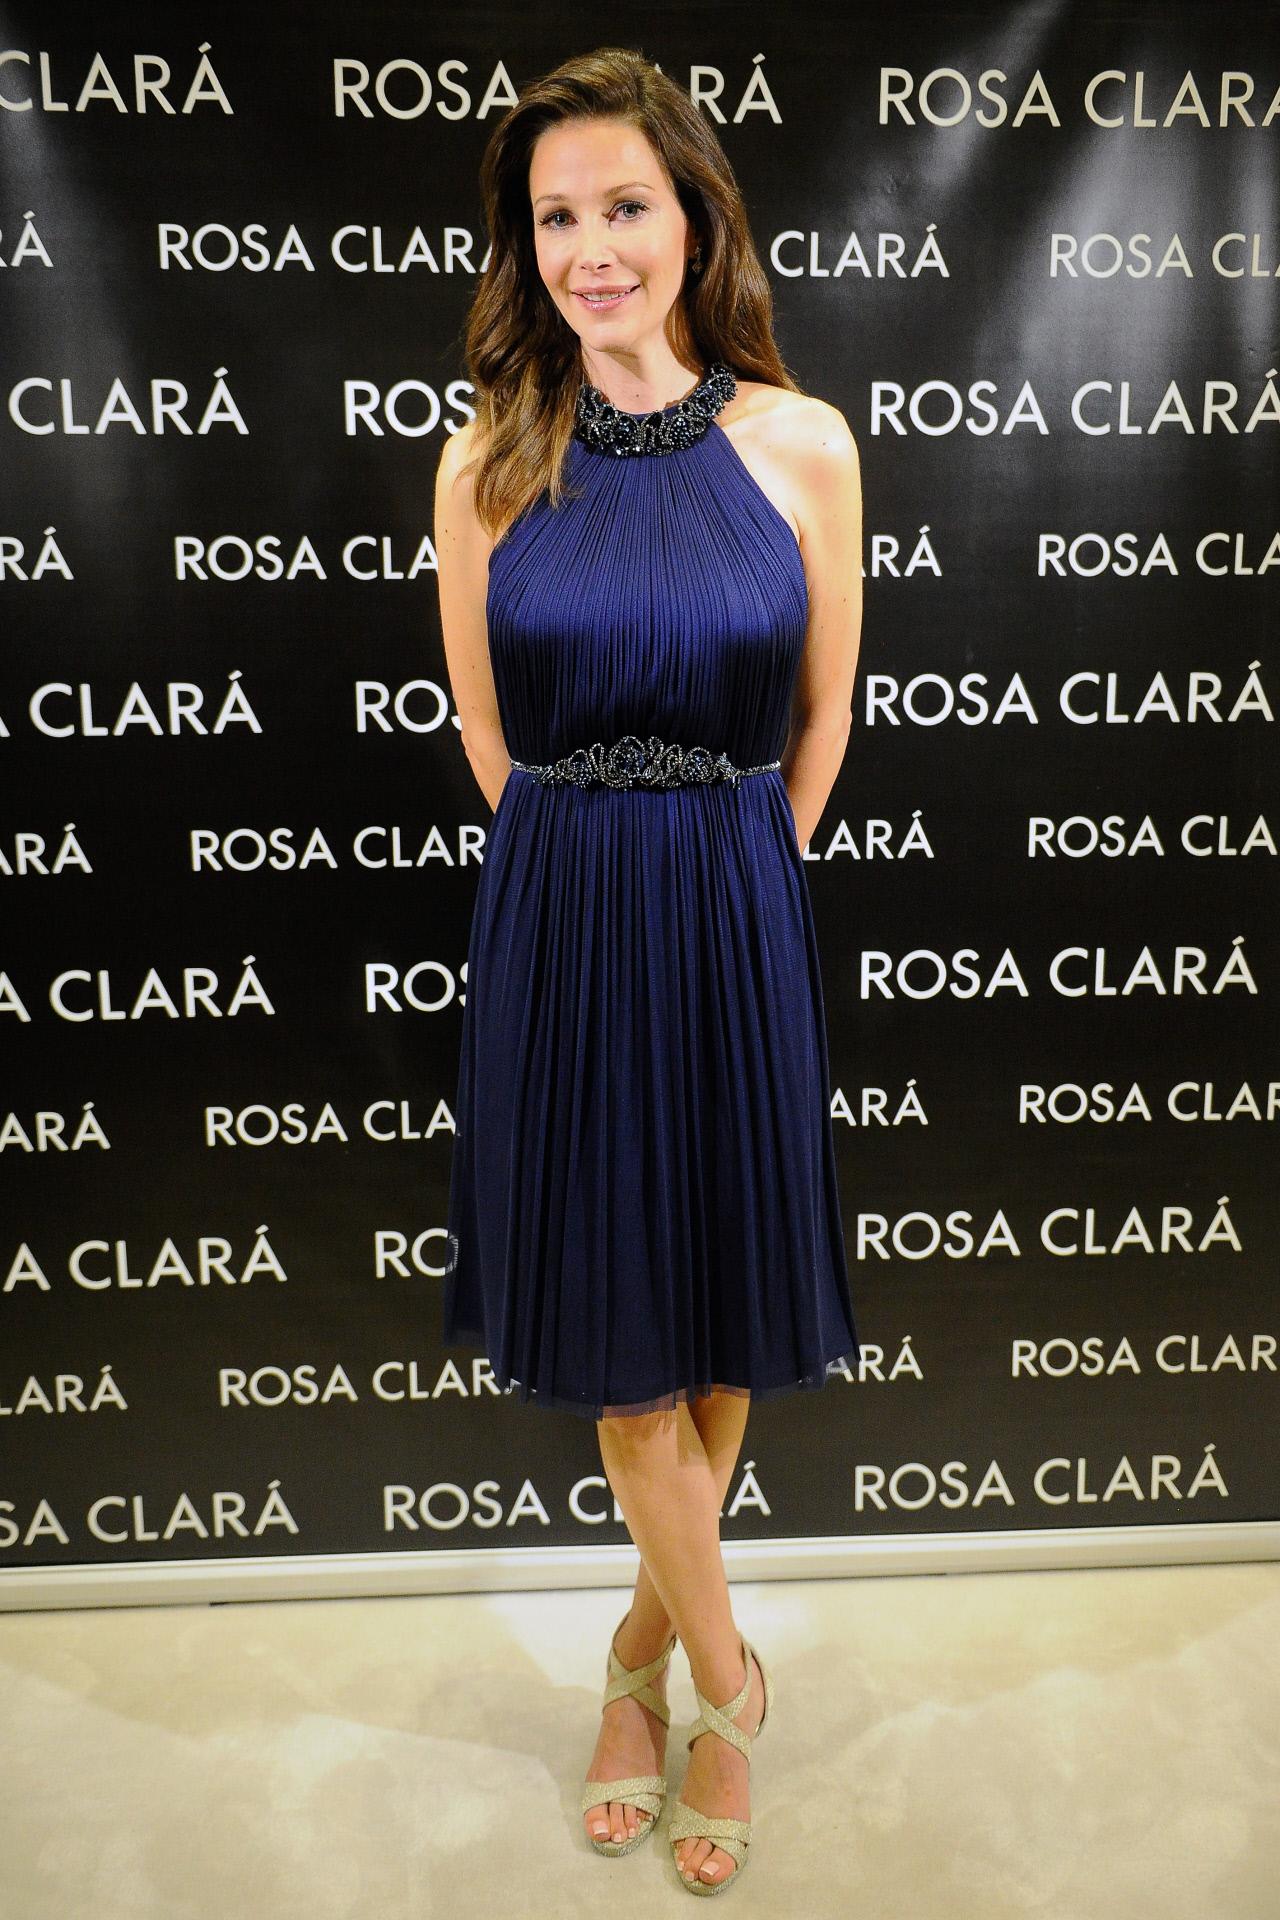 Esther Doña Rosa Clará